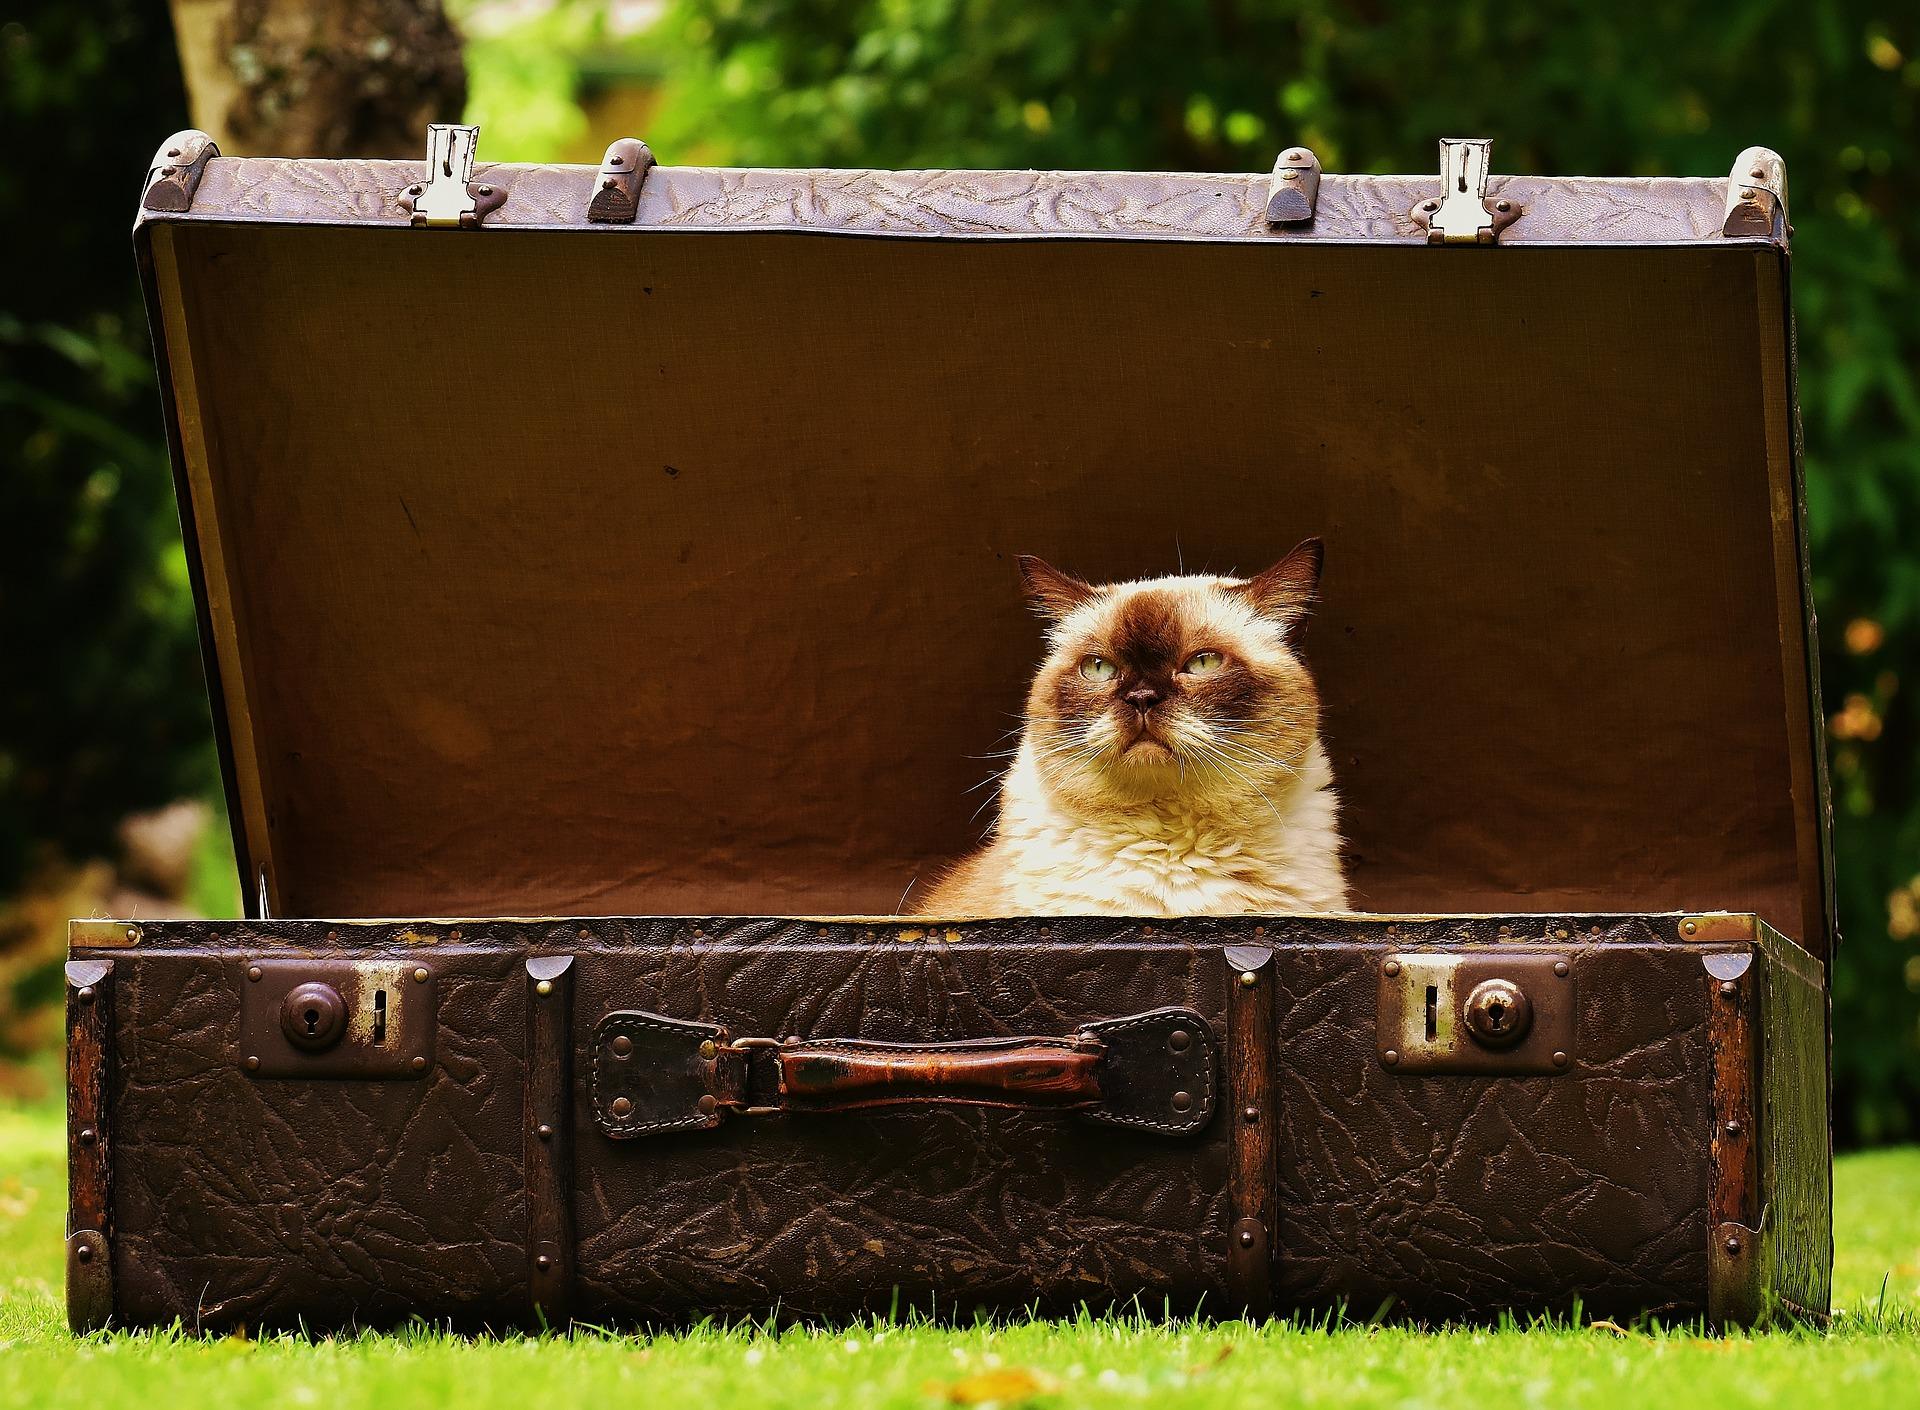 luggage-1643010_1920